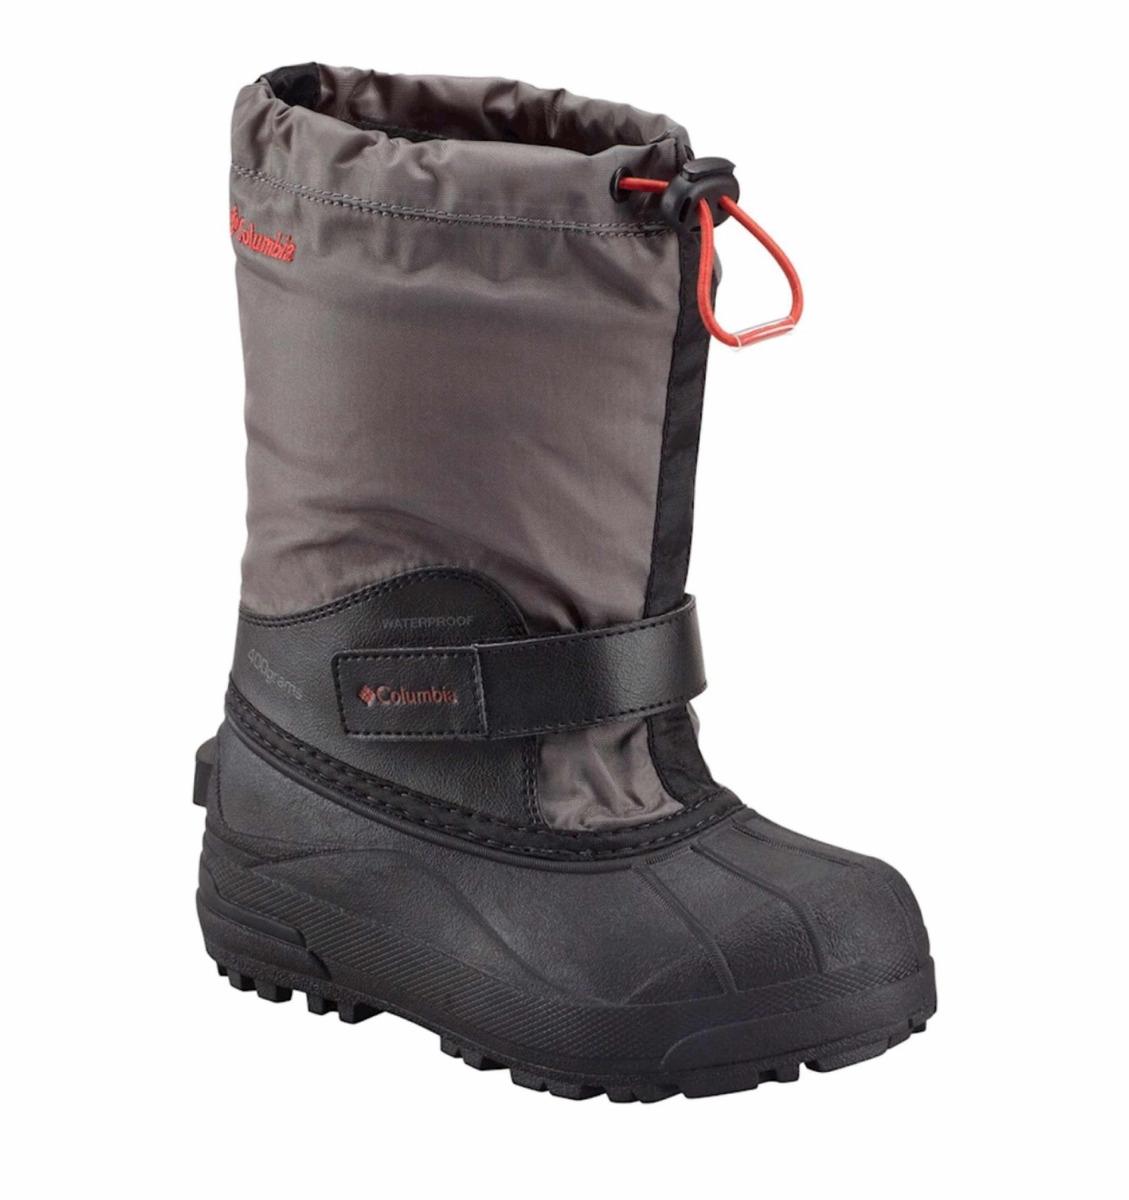 de2bdafd2daaa botas apres ski columbia powderbug niños 24 nuevas grises. Cargando zoom.